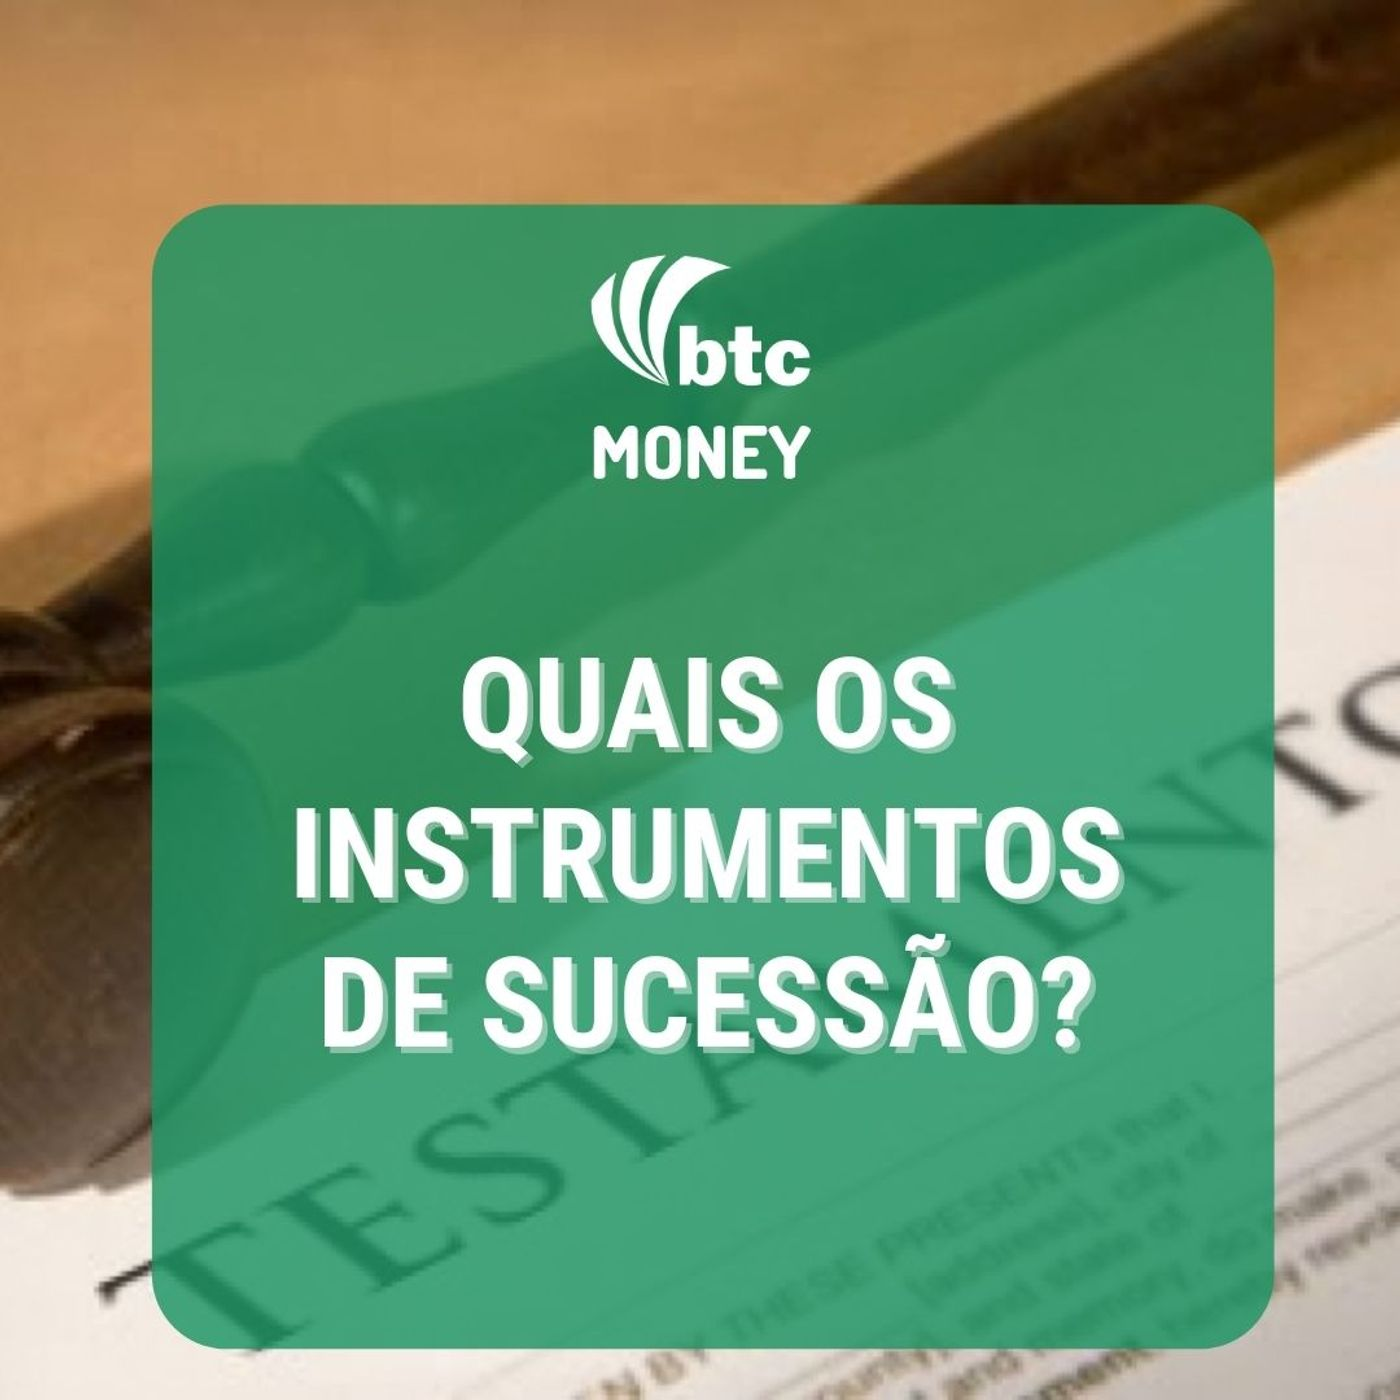 Instrumentos de Sucessão: Testamento, Previdência, Fundos Fechados e Holding   BTC Money #49